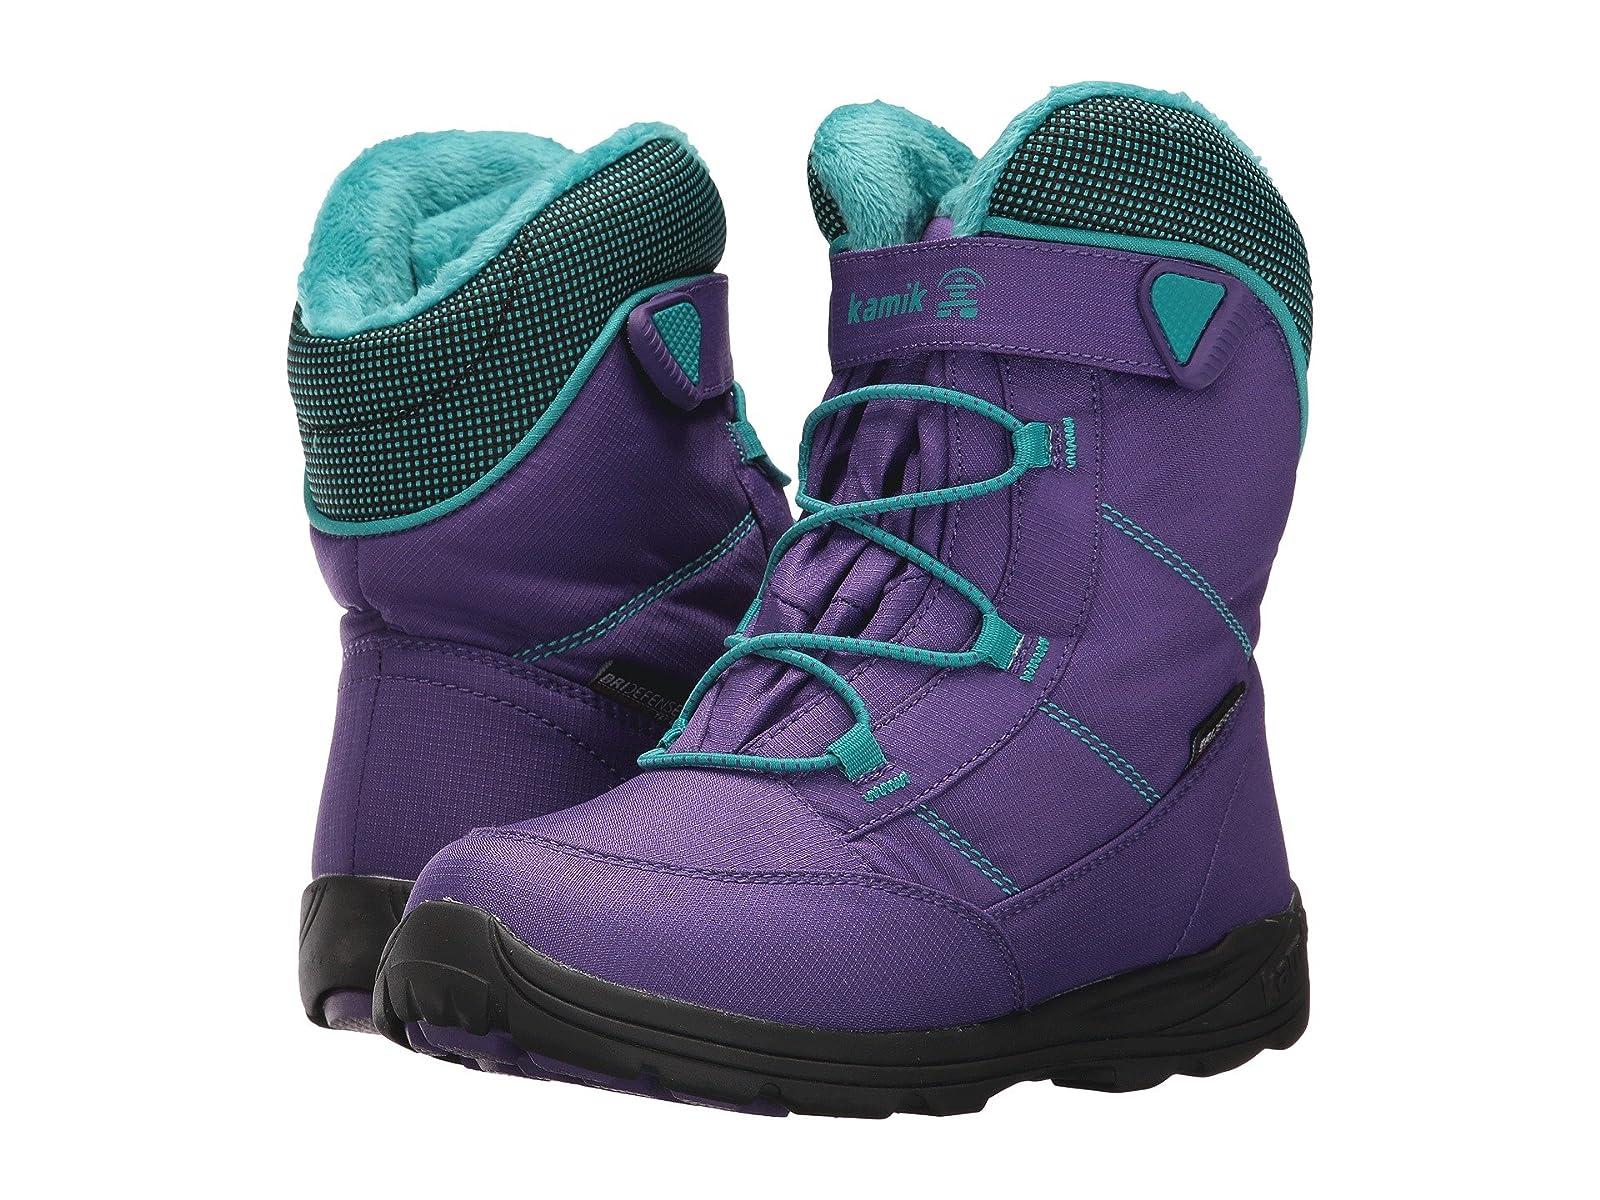 Kamik Kids Stance (Little Kid/Big Kid)Affordable and distinctive shoes